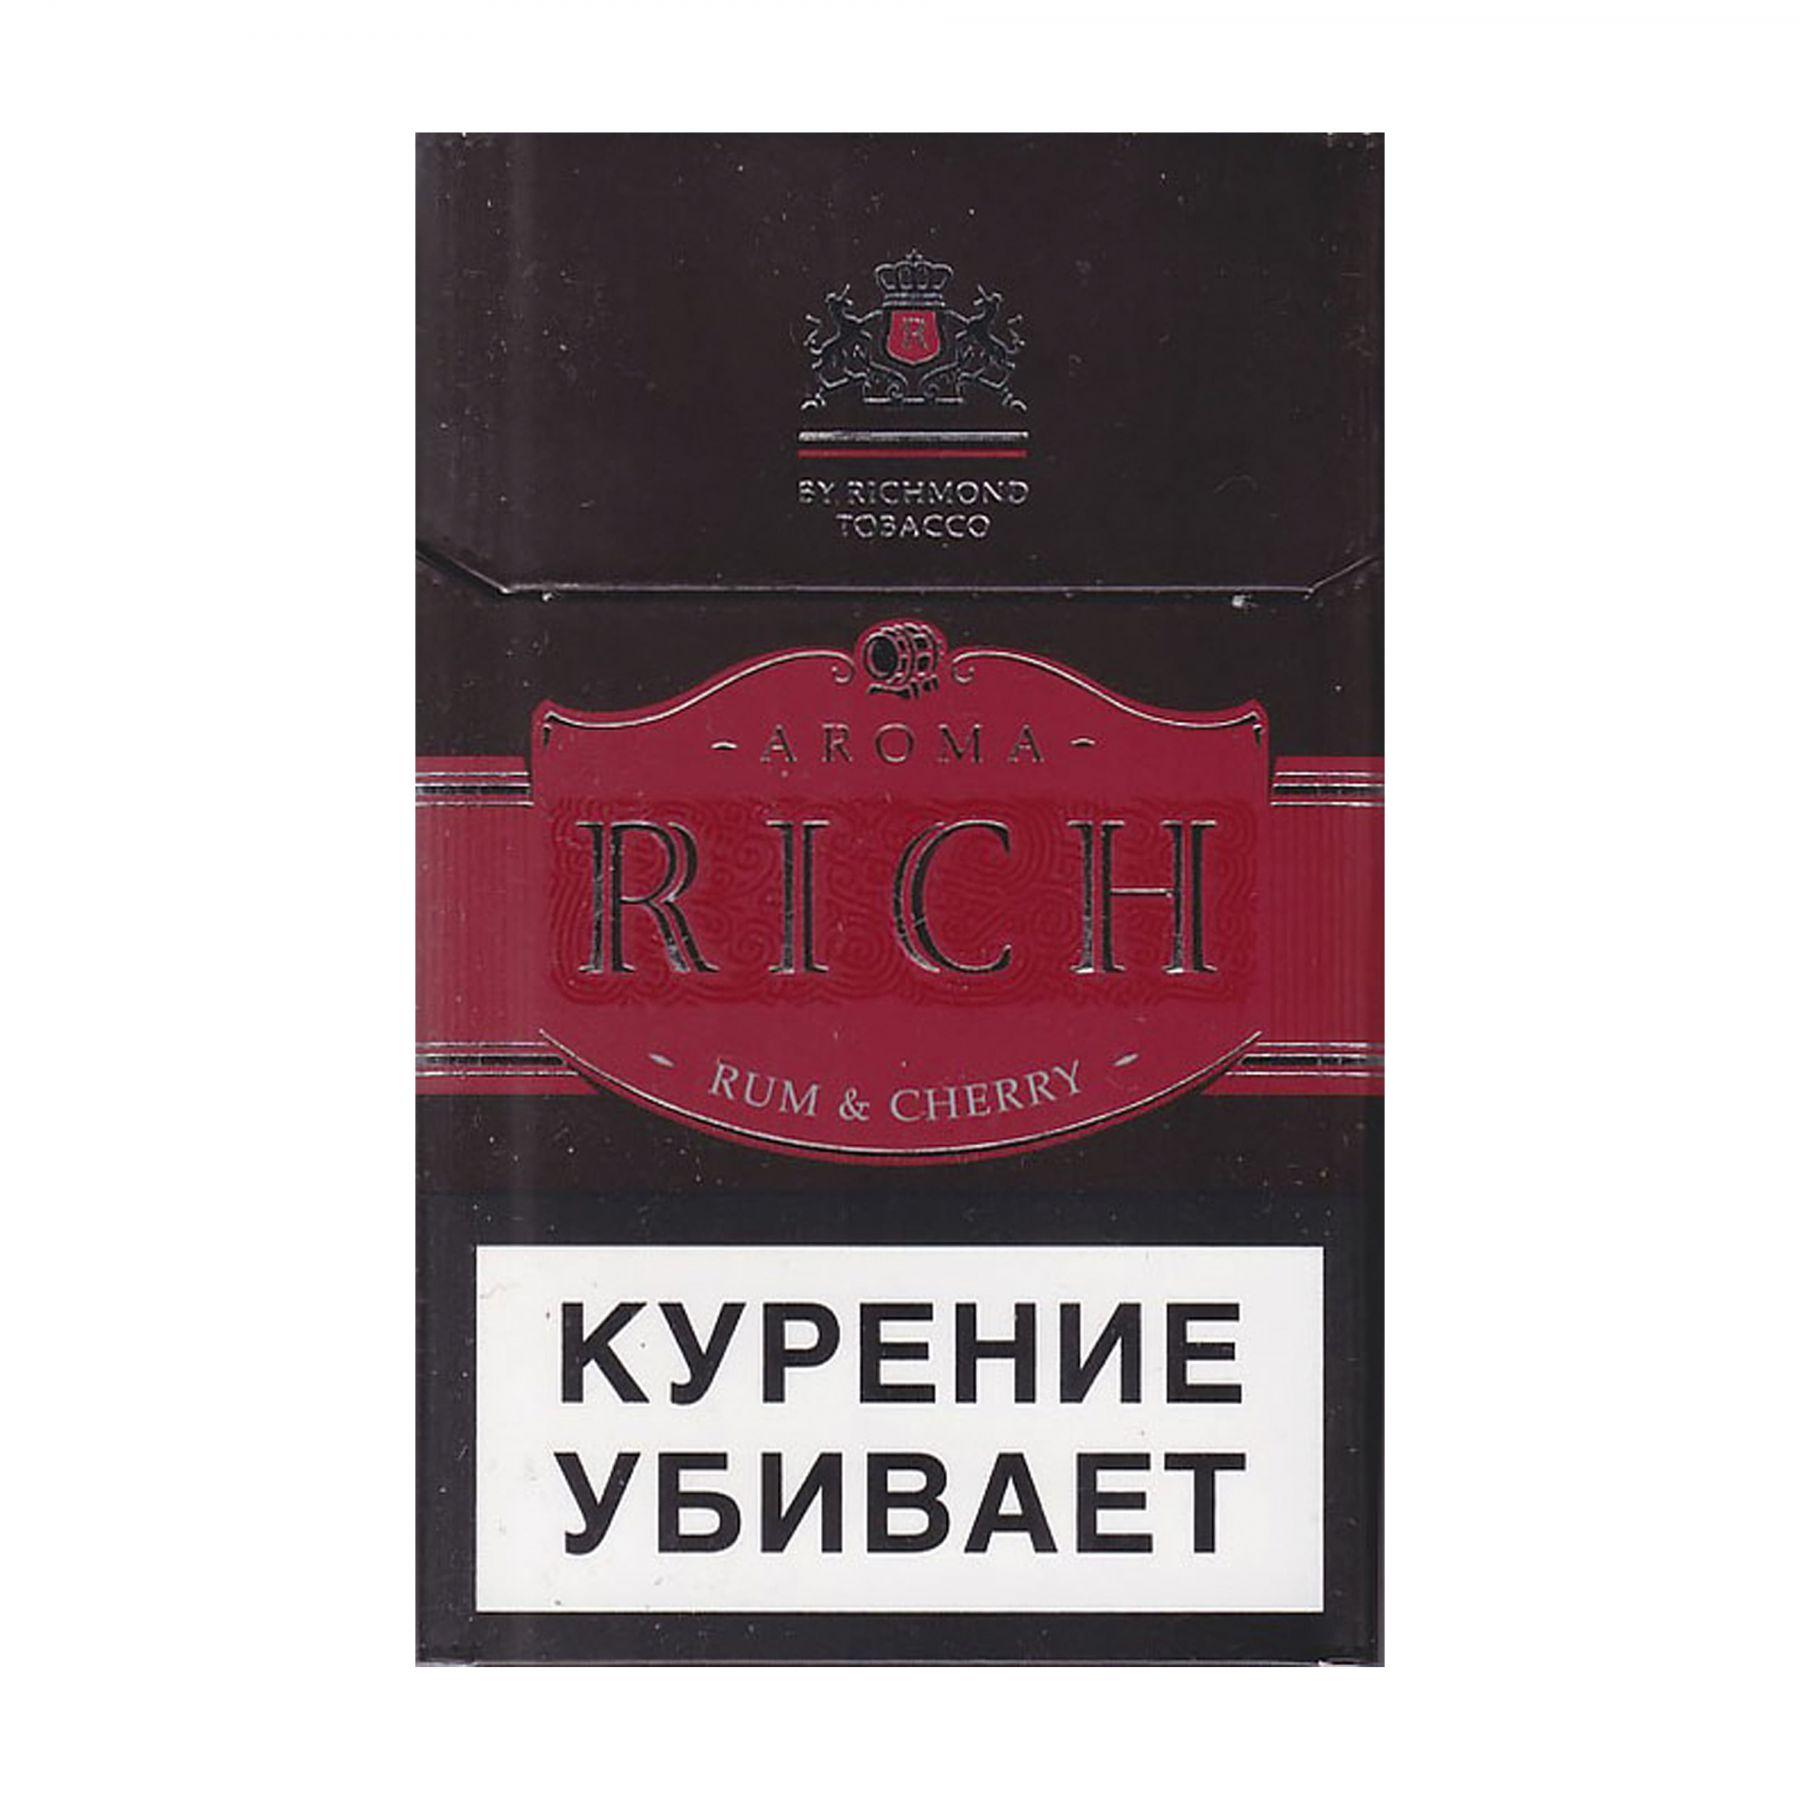 Сигареты rich aroma купить в спб гло сигареты купить в новосибирске